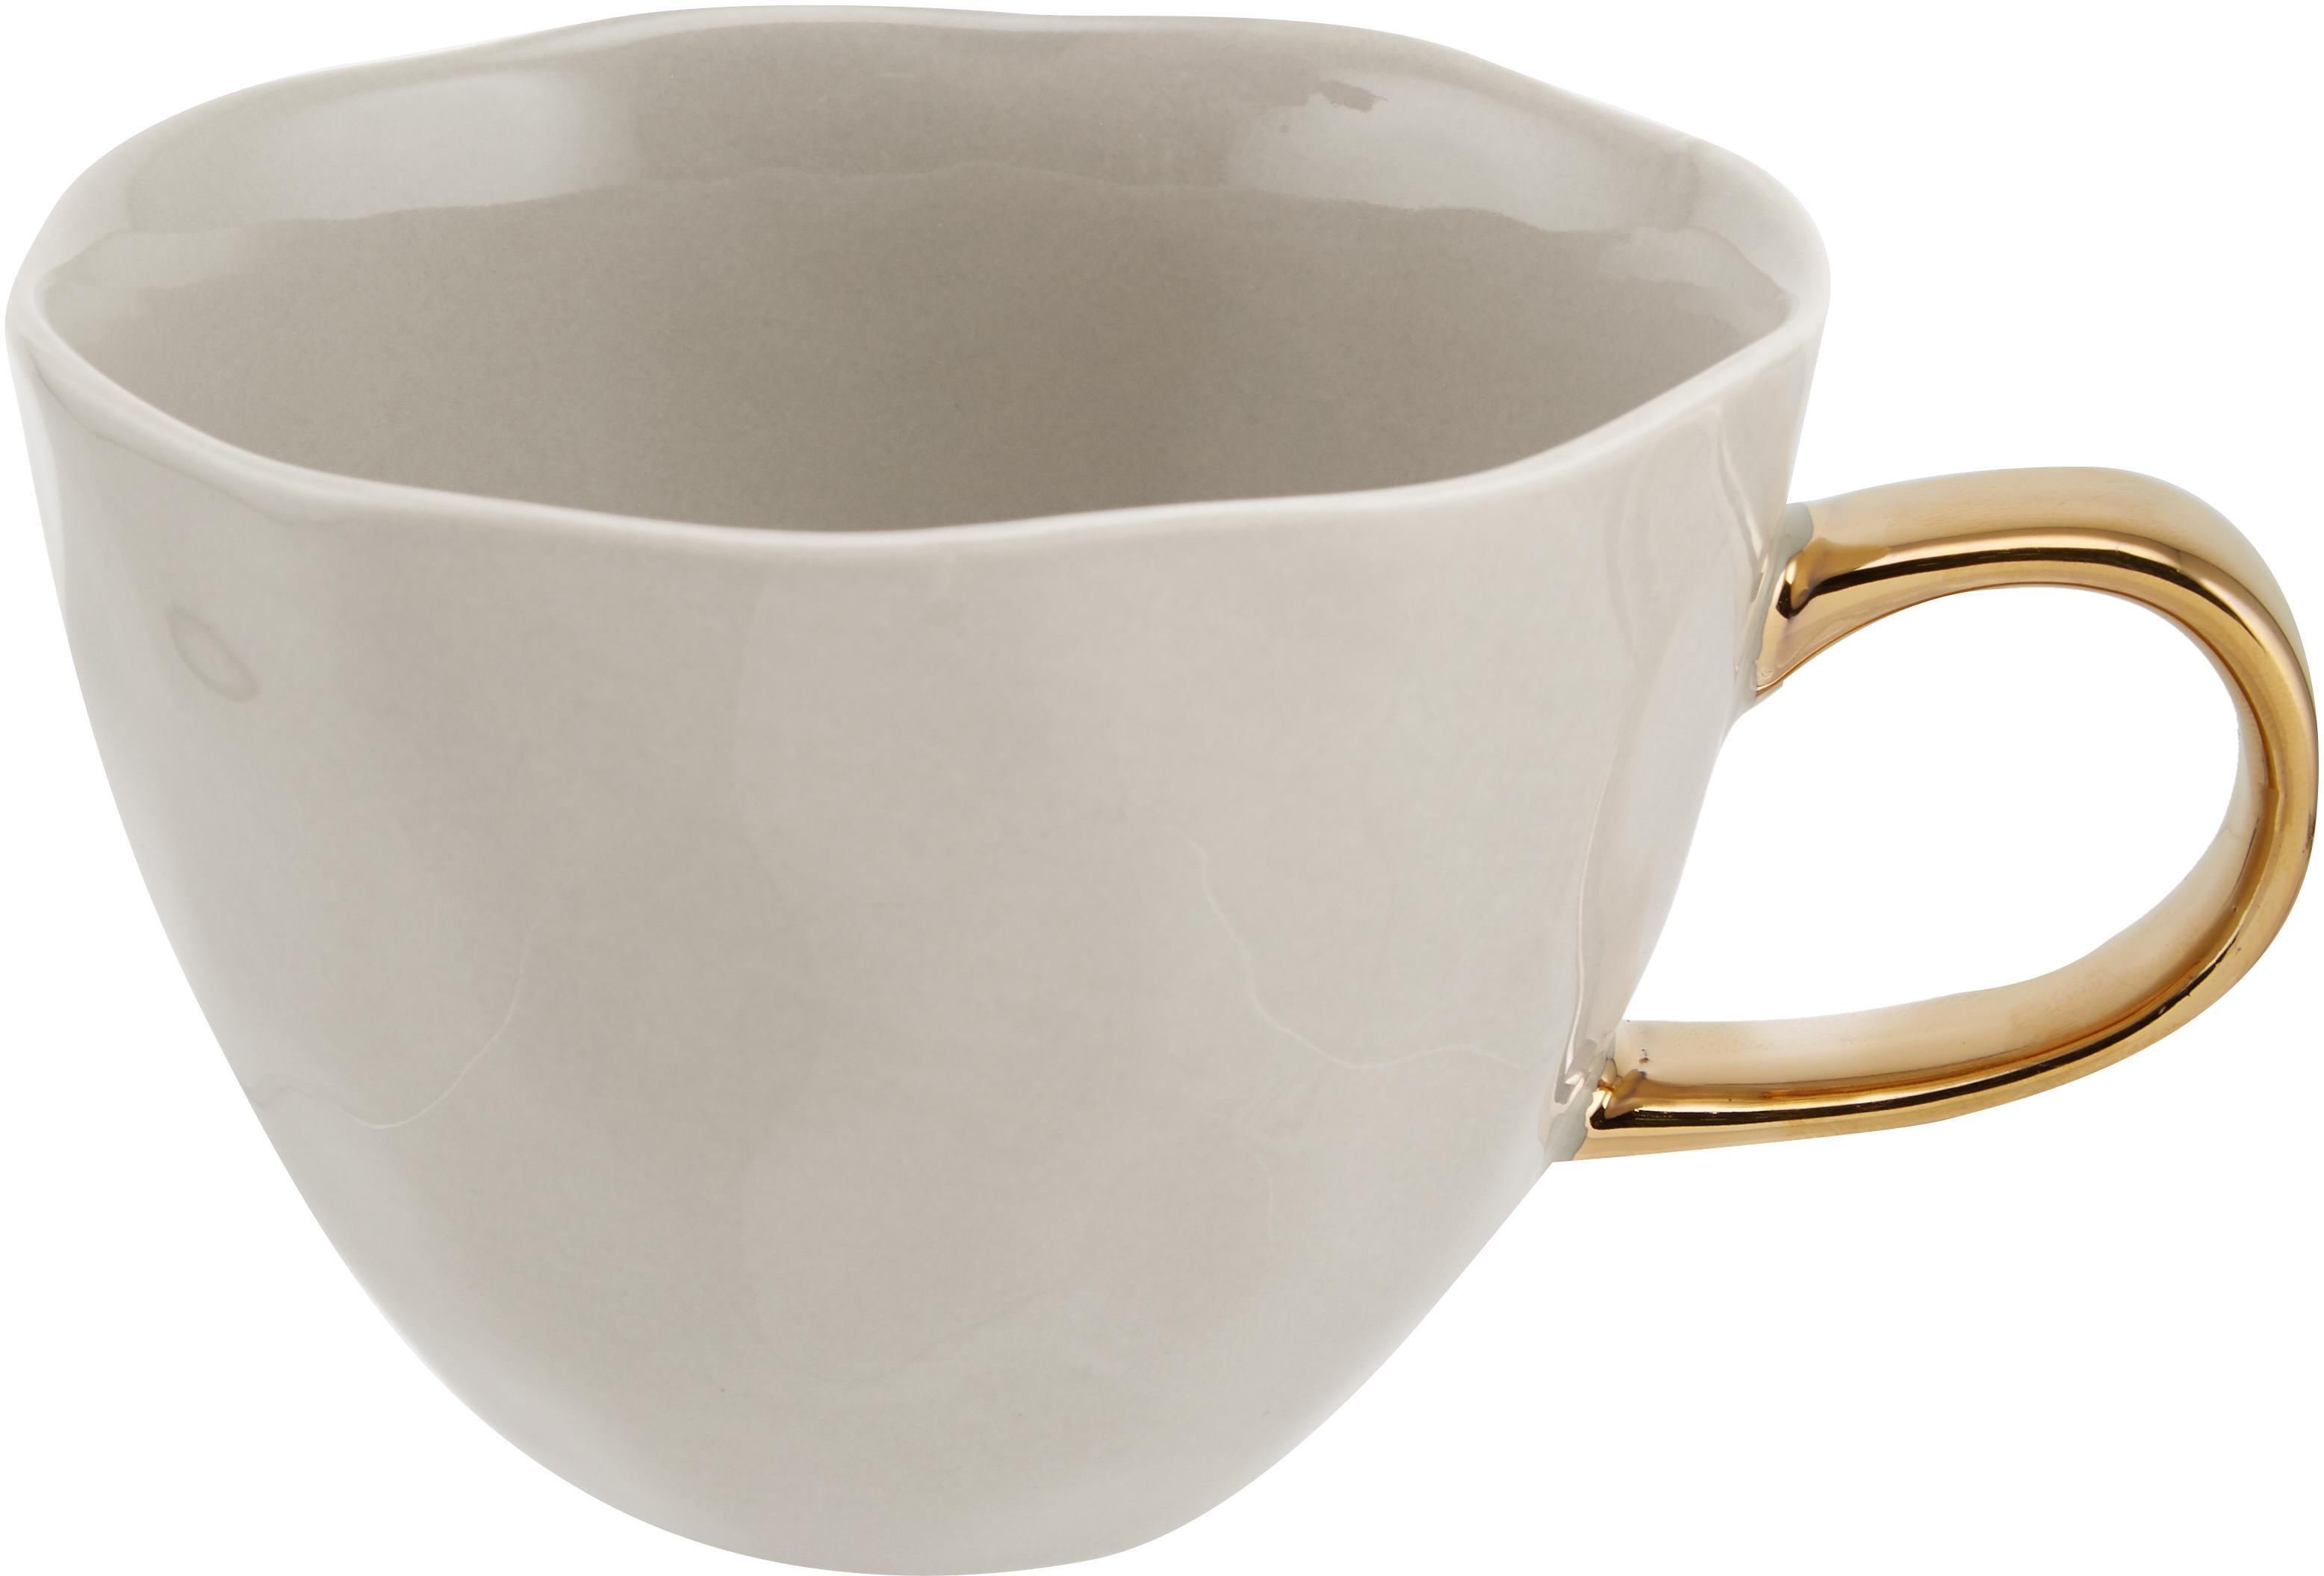 Tazza con manico dorato Good Morning, Terracotta, Grigio, dorato, Ø 11 x Alt. 8 cm